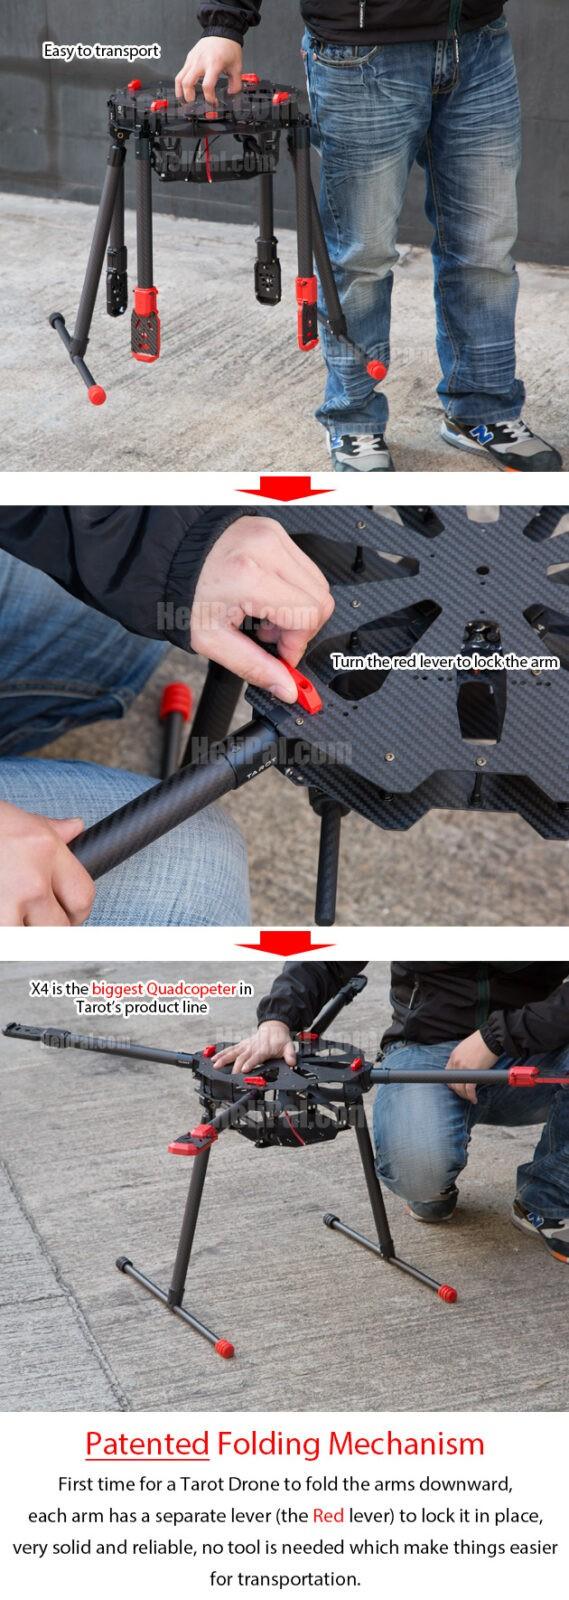 Tarot X4 Quadcopter Kit